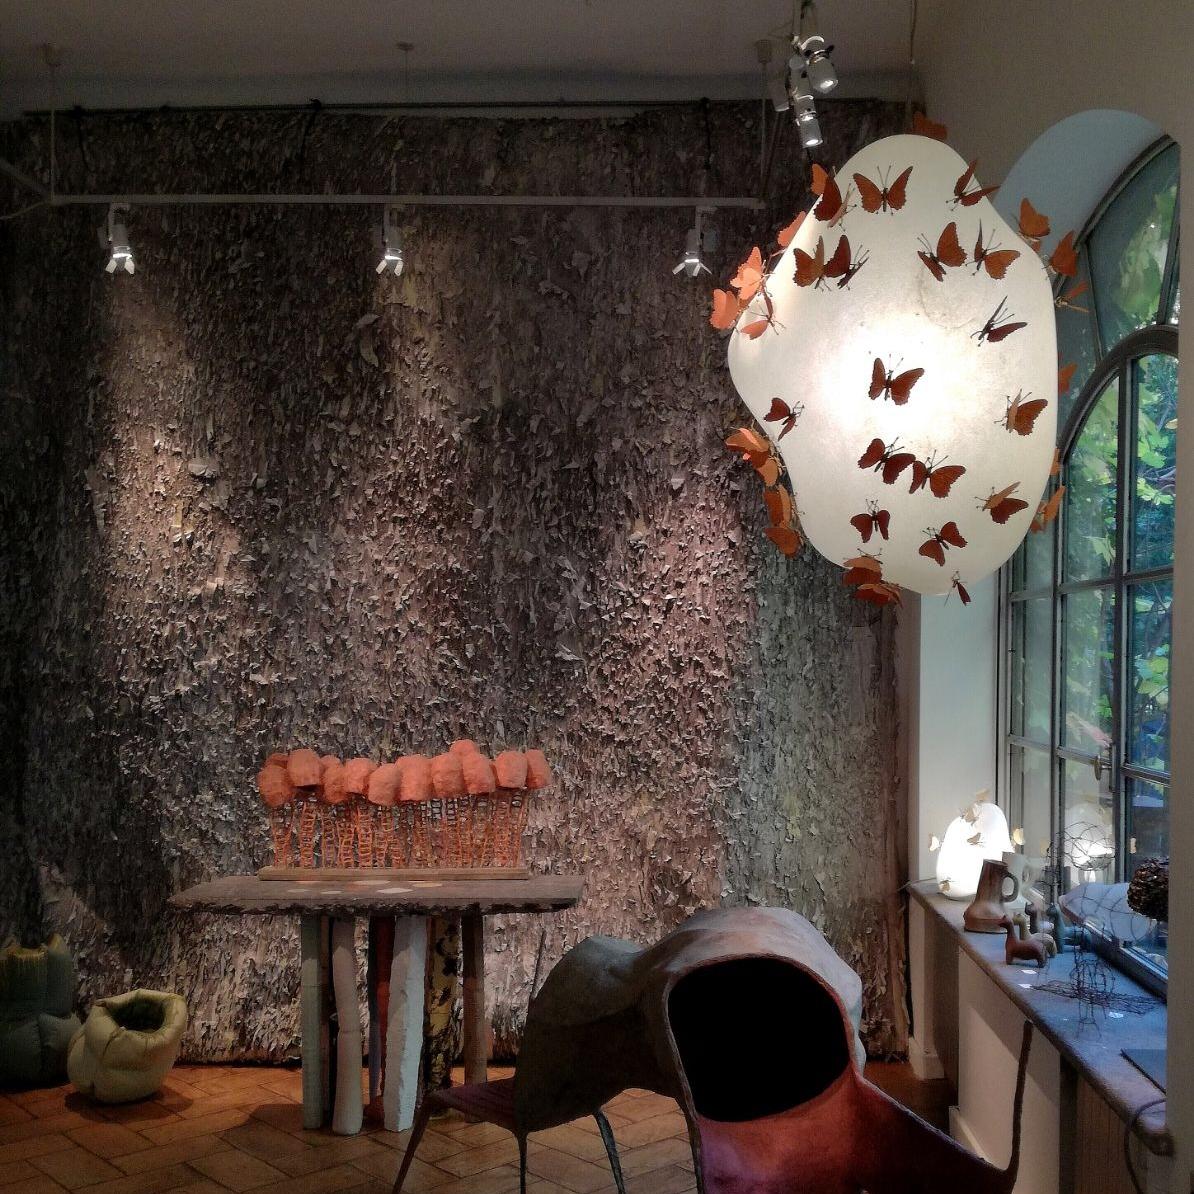 BA Medium Hanging Rossana Orlandi Gallery.JPG